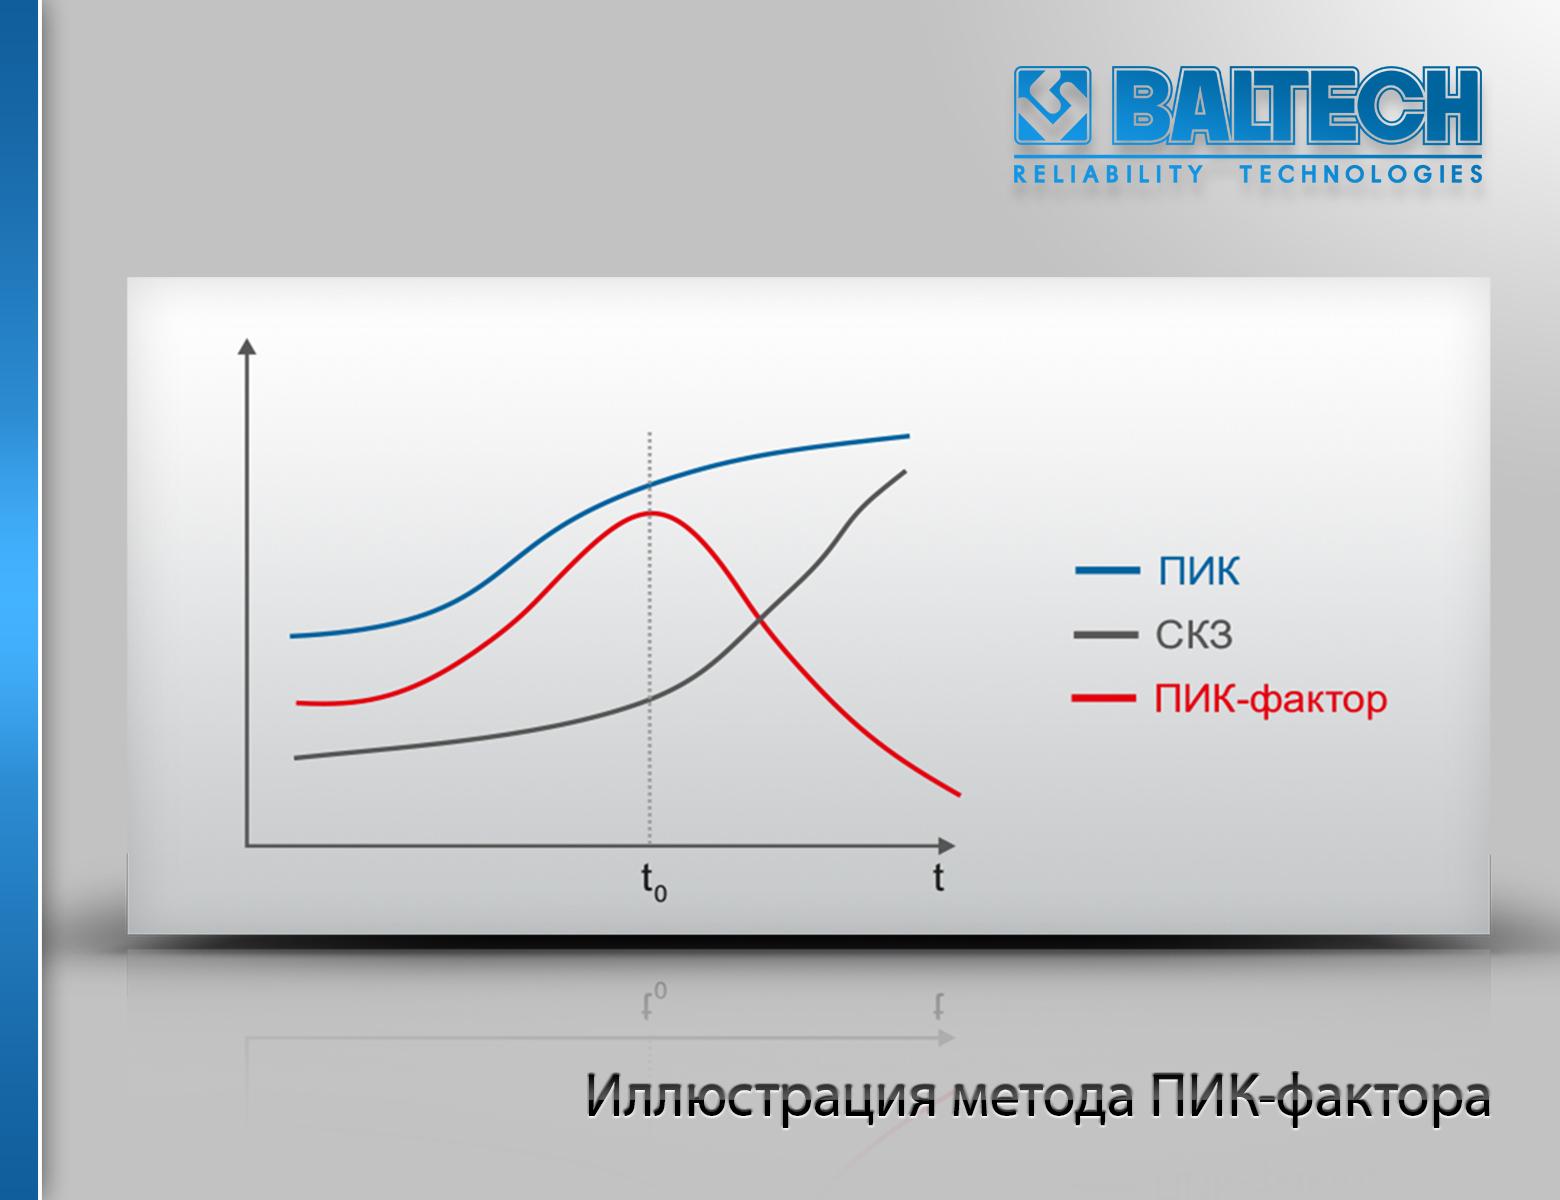 Метод ПИК-фактора, методы вибродиагностики, вибродиагностика, вибромониторинг